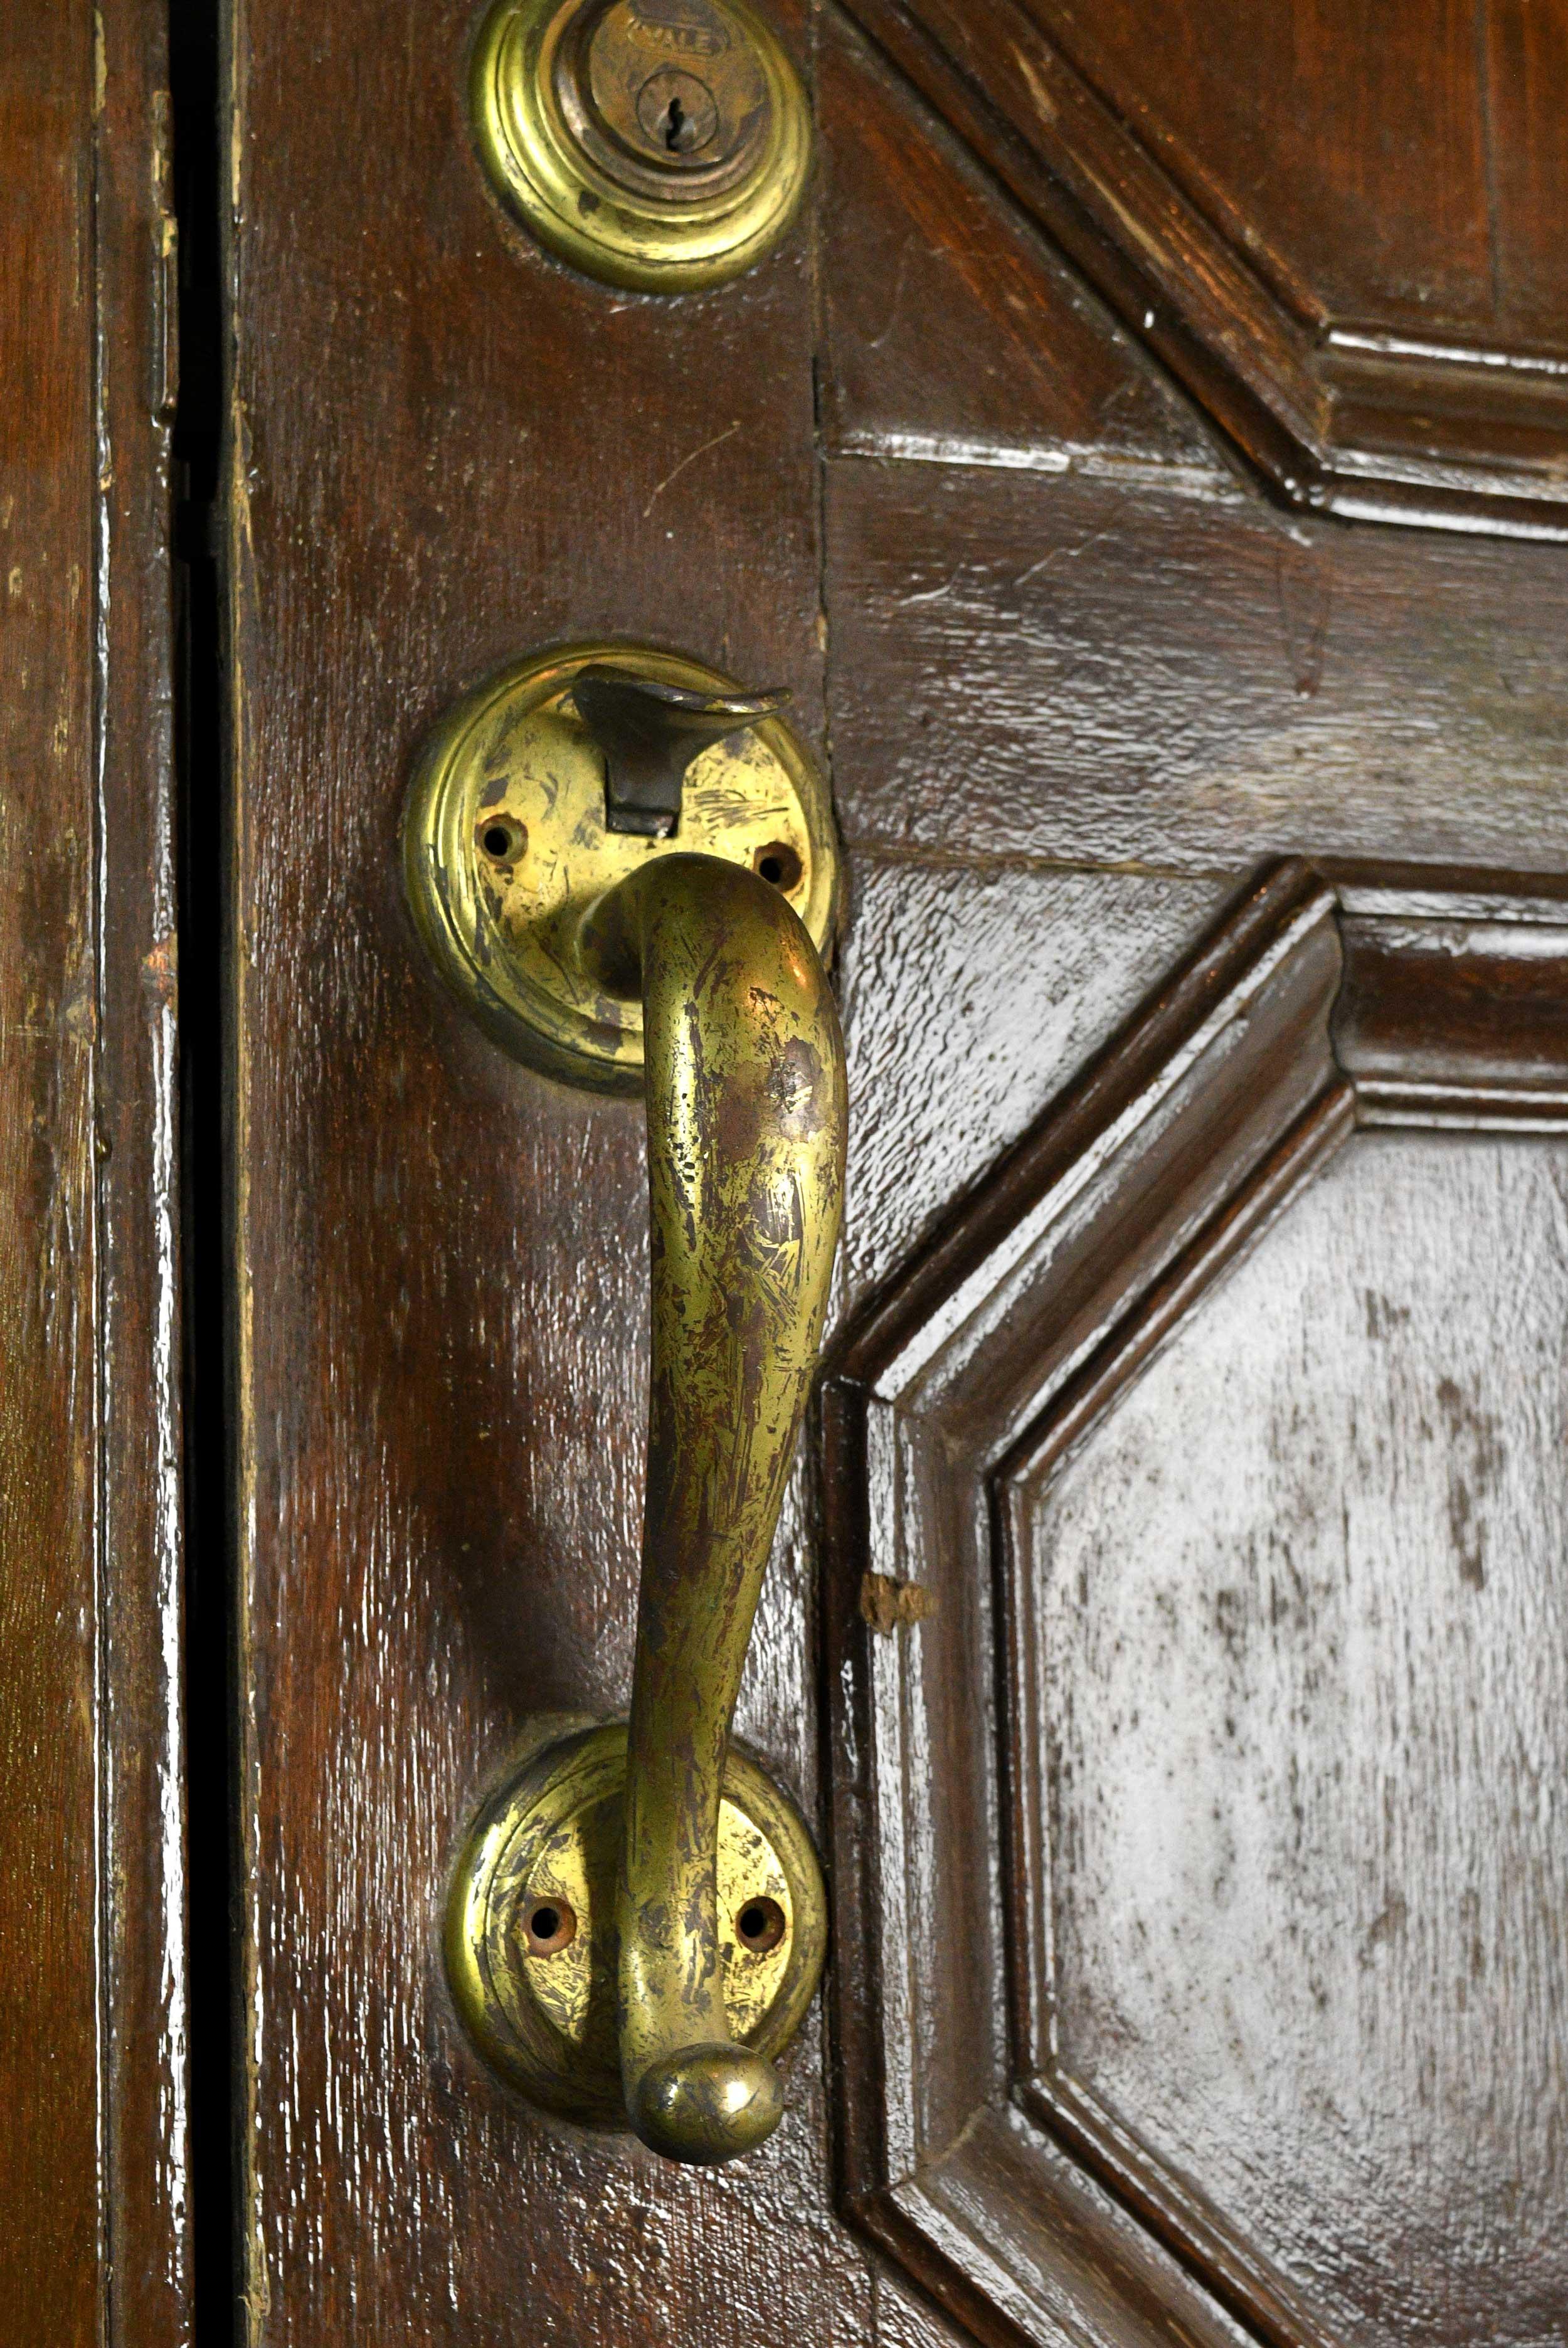 47974-walnut-double-door-handle.jpg